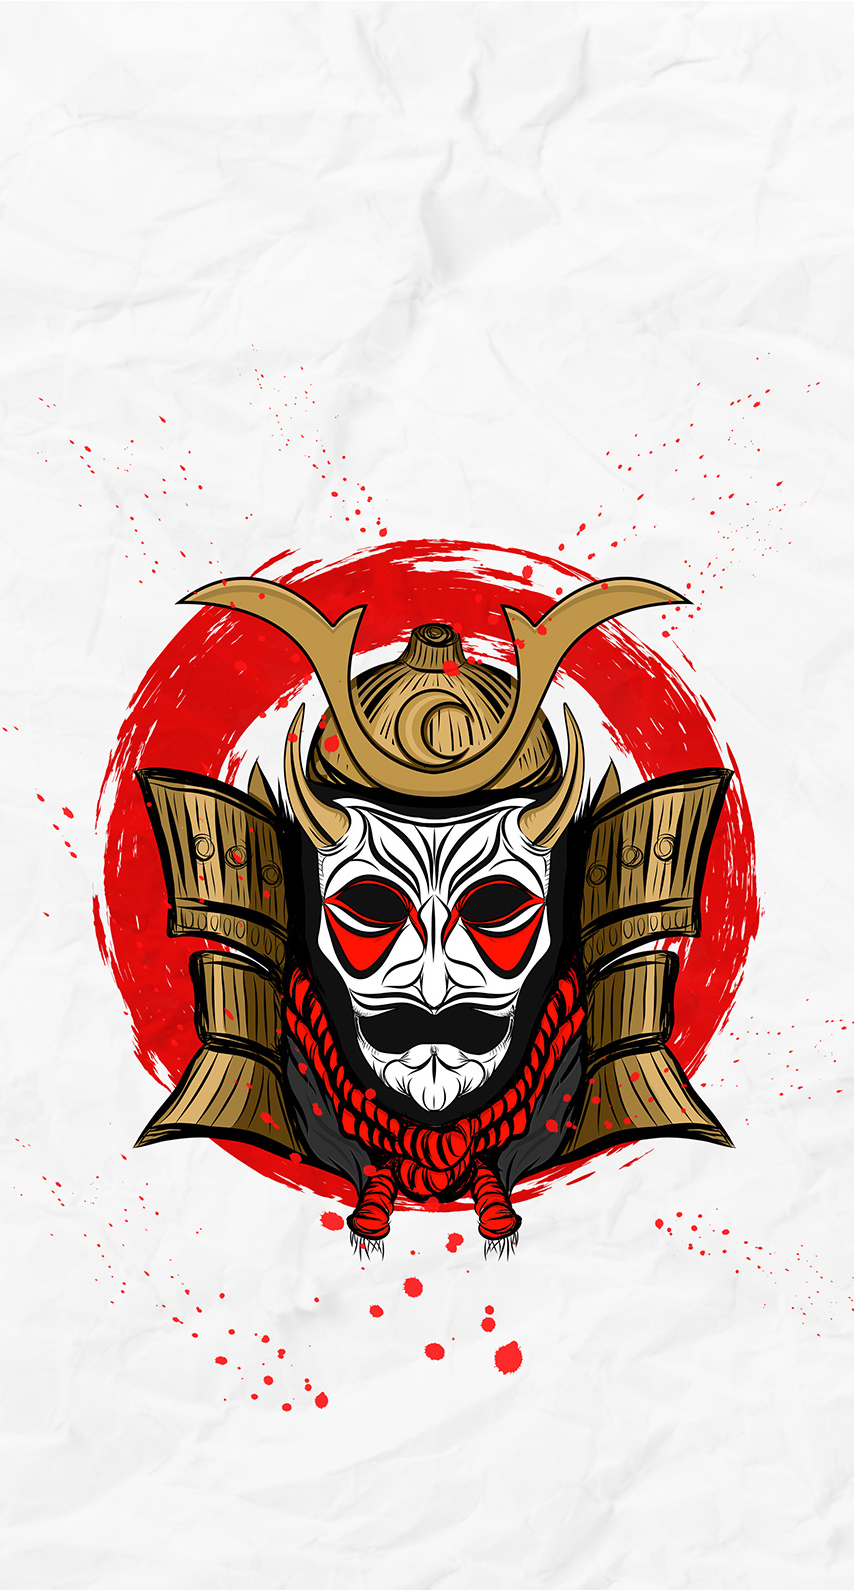 banner, emblem